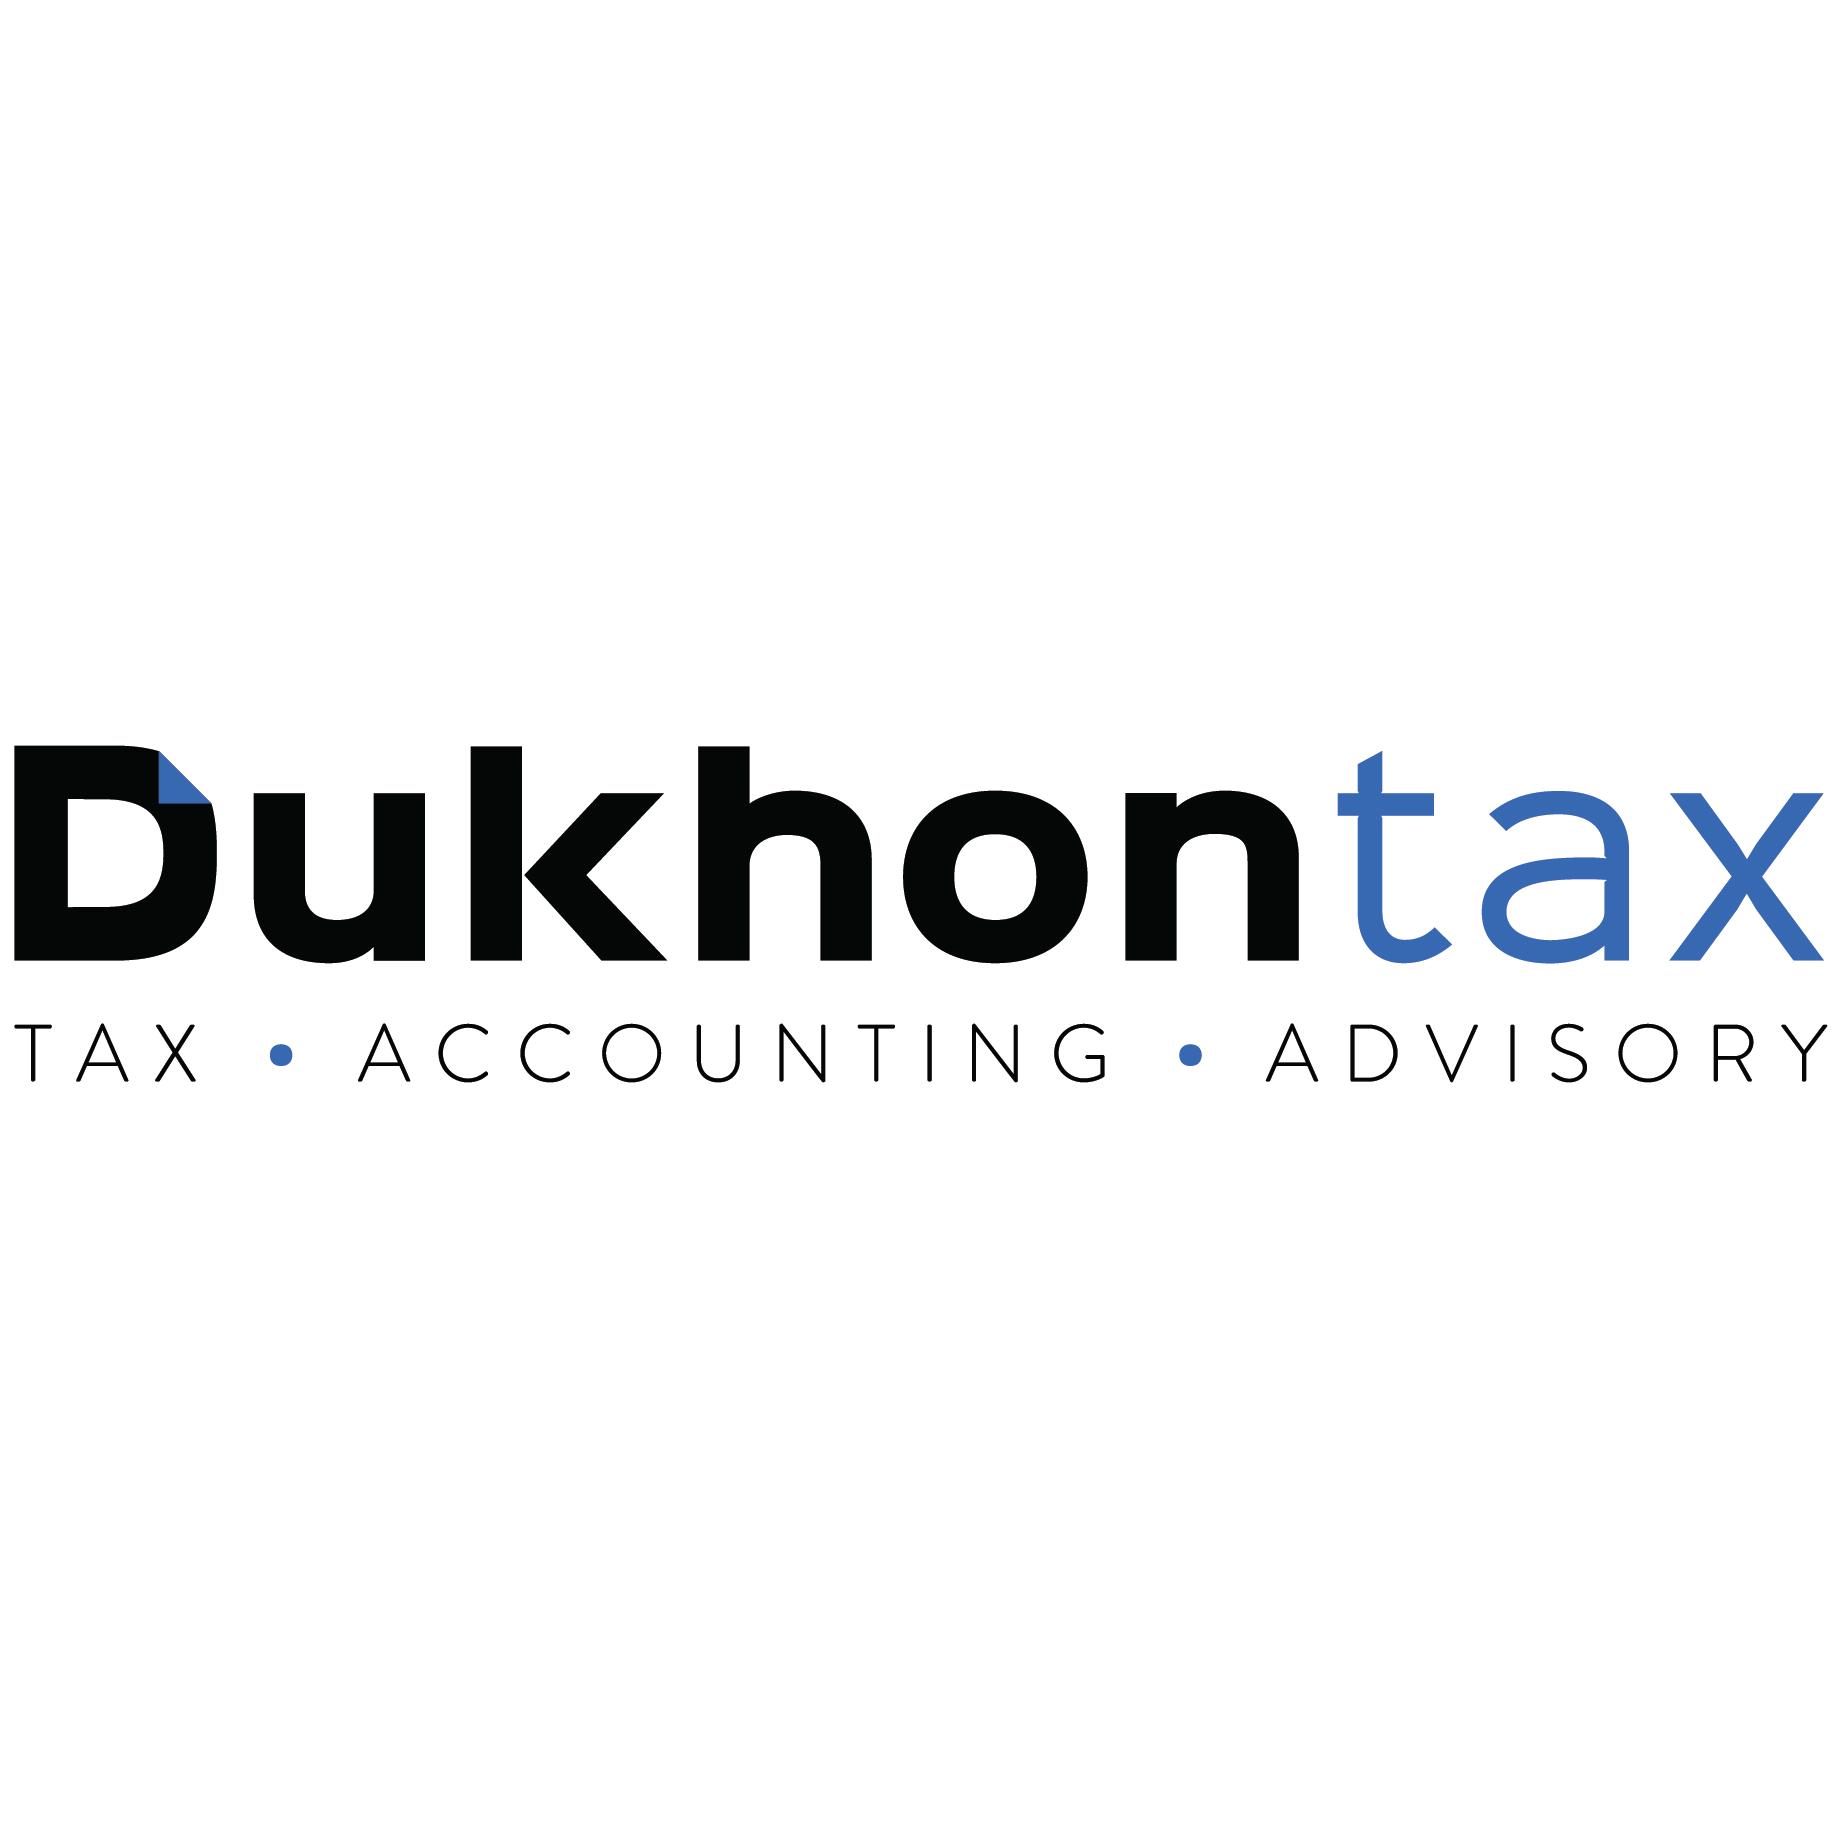 Dukhon Tax and Accounting LLC